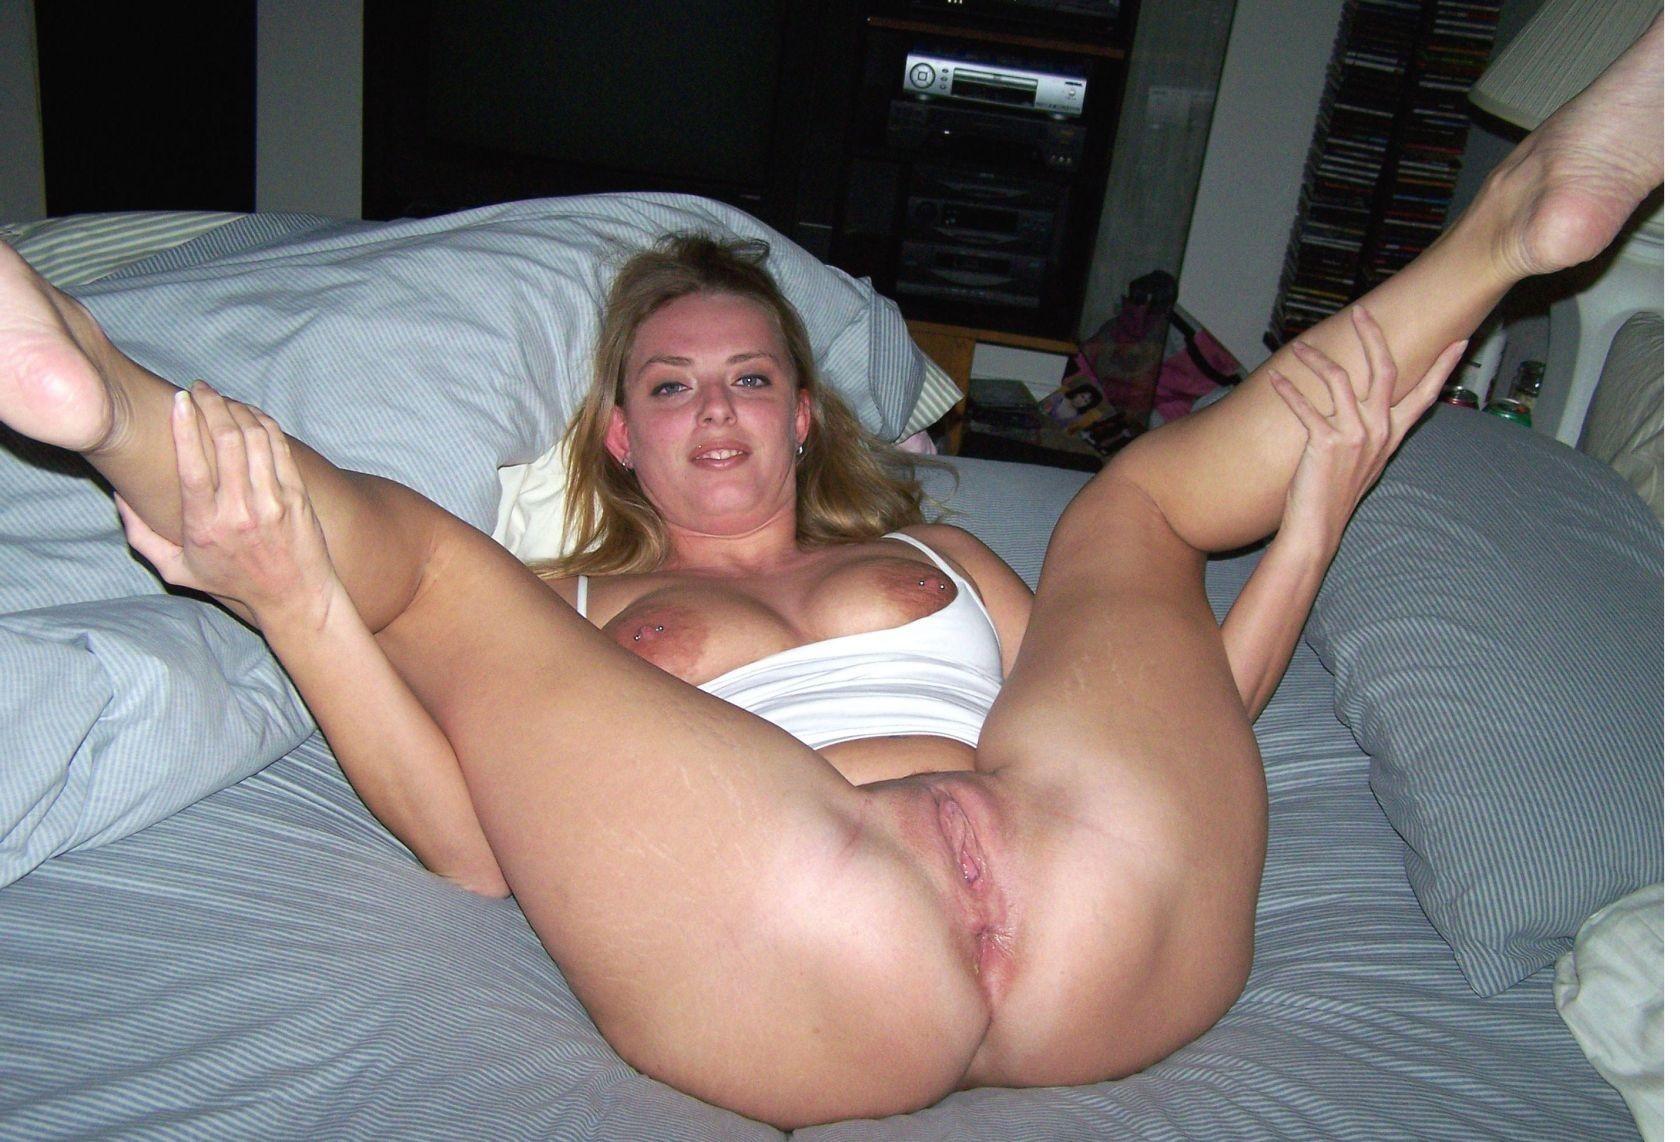 dami-s-razdvinutimi-nogami-ogromnimi-pizdami